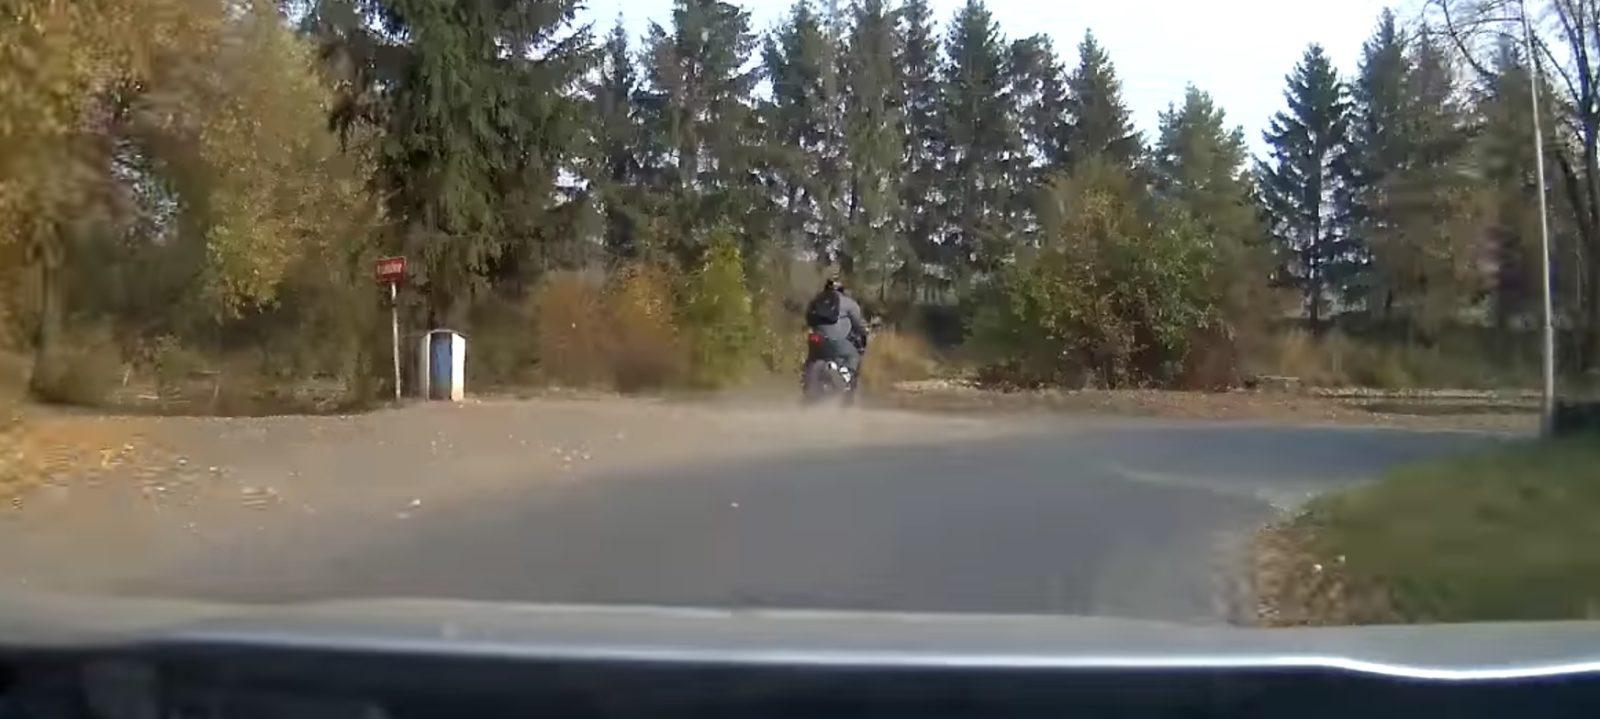 policejni-honicka-motorkar-skoncil-v-rybnice-video